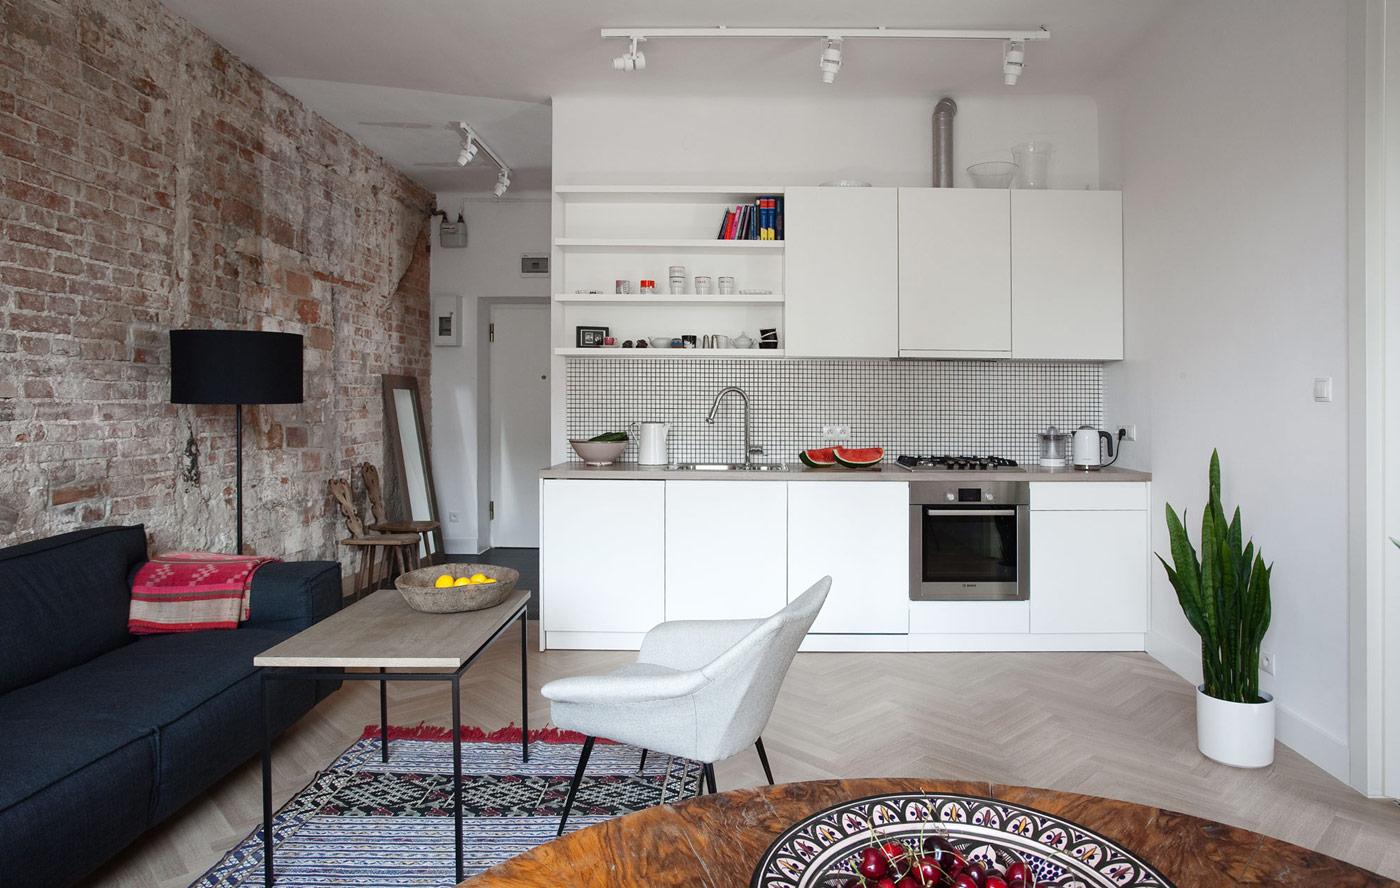 Бюджетный ремонт квартиры студии в стиле лофт